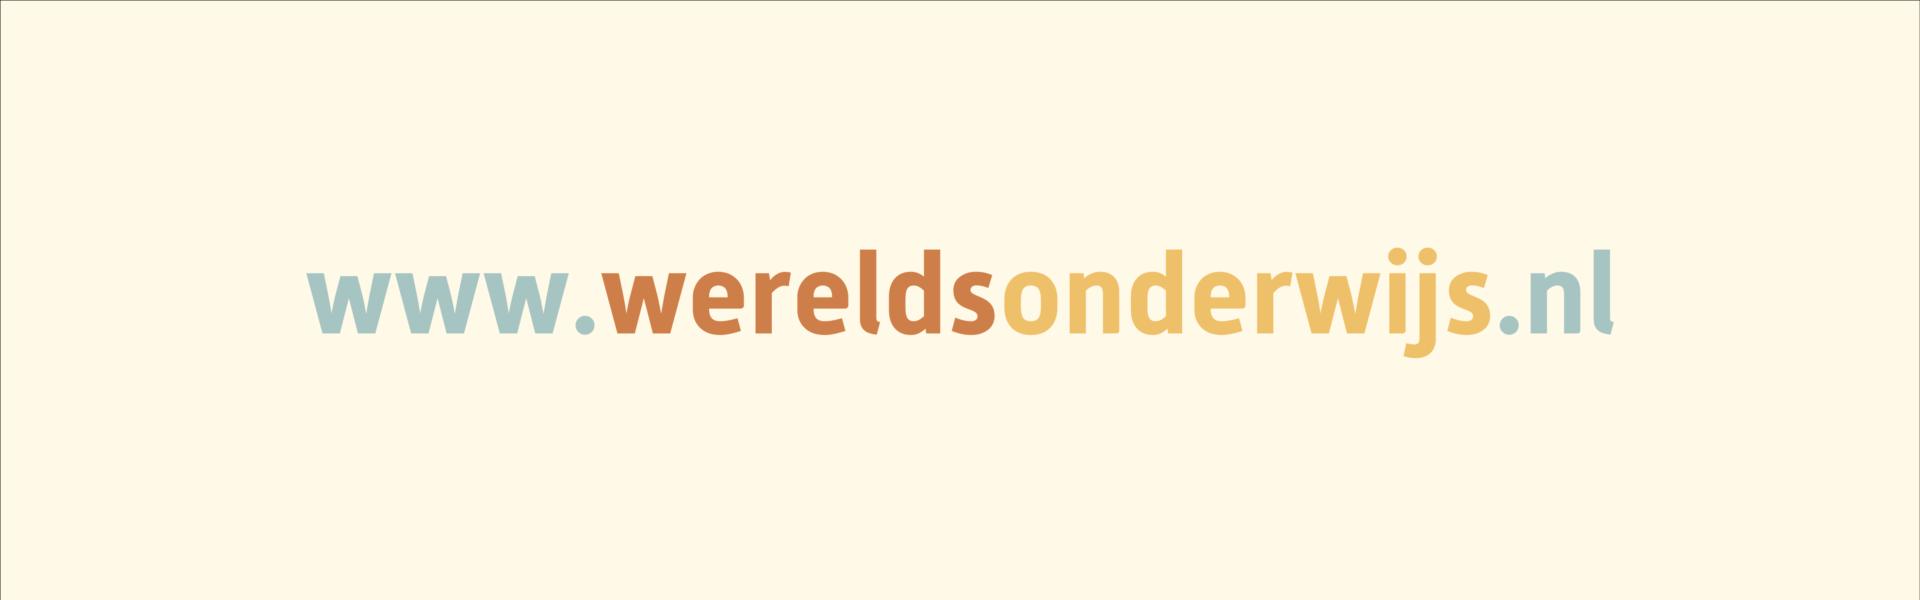 www.wereldsonderwijs.nl